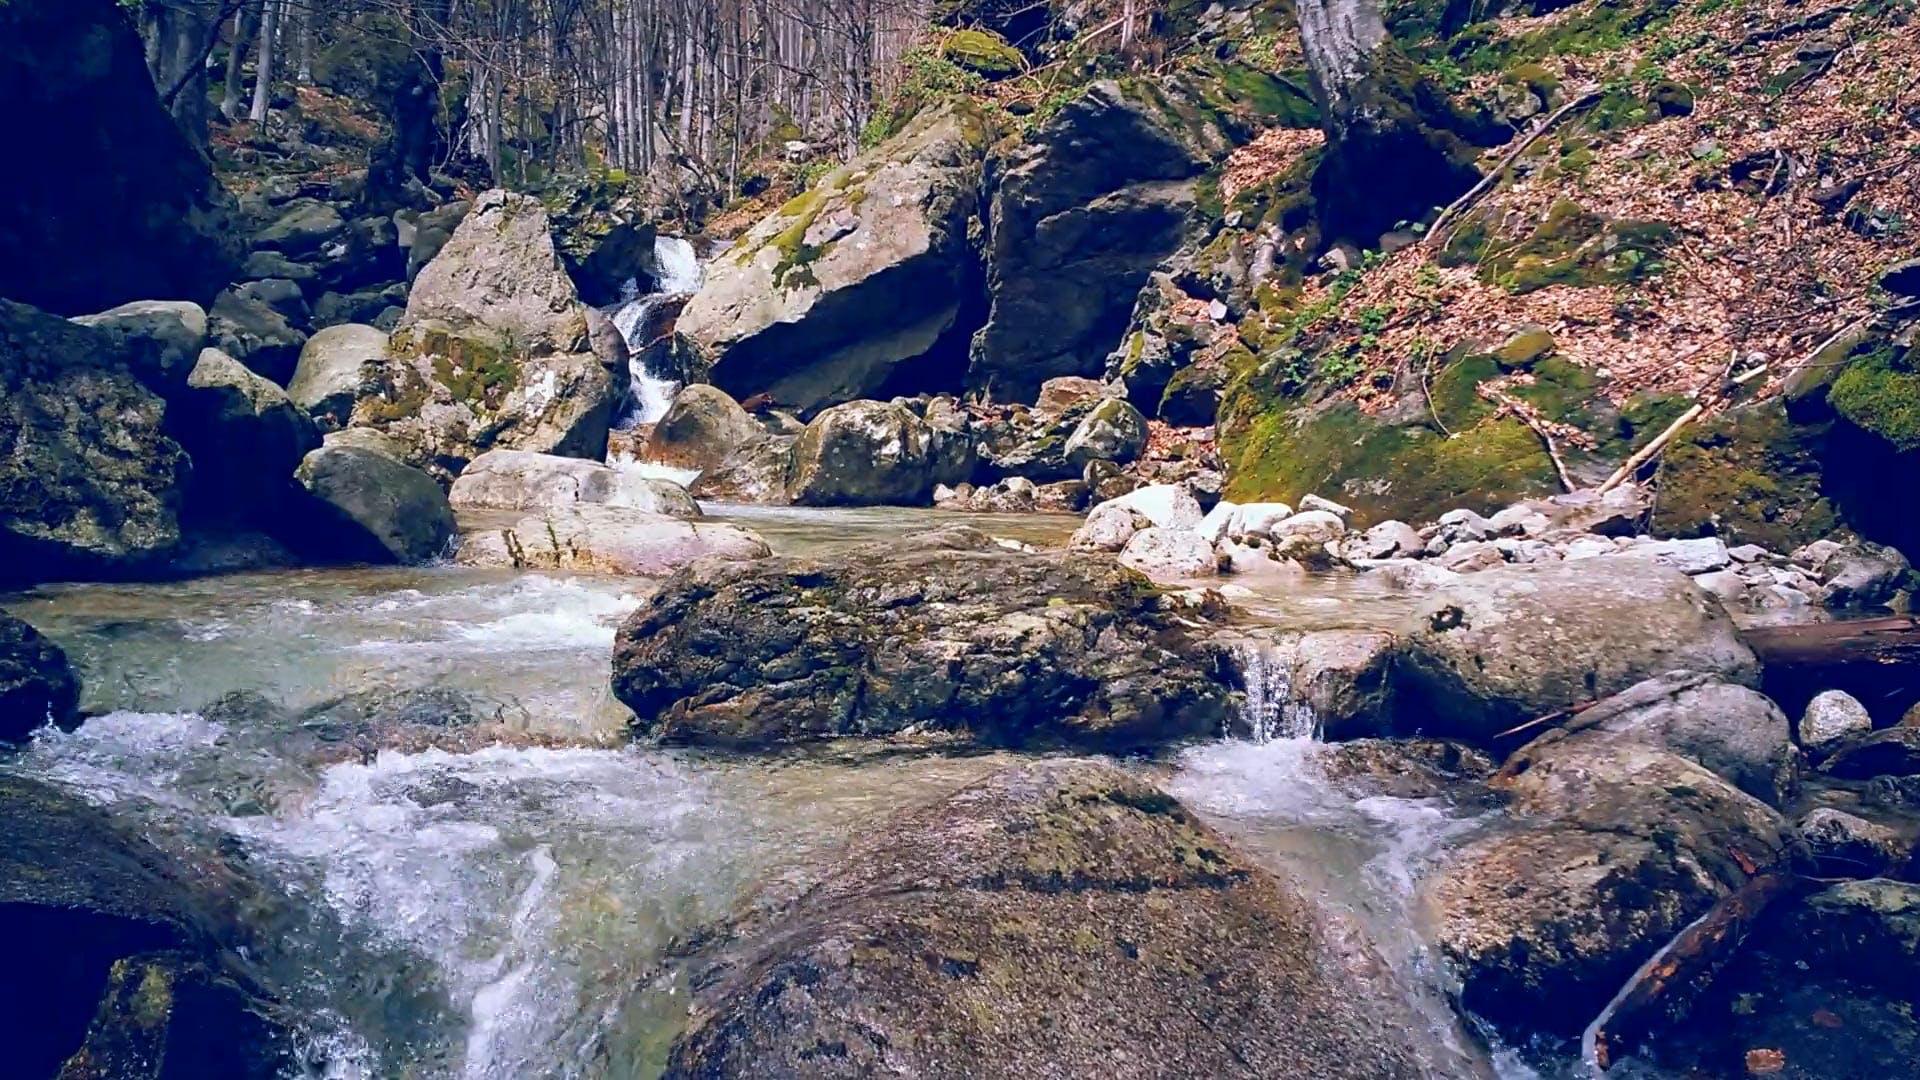 Clean Water Flowing